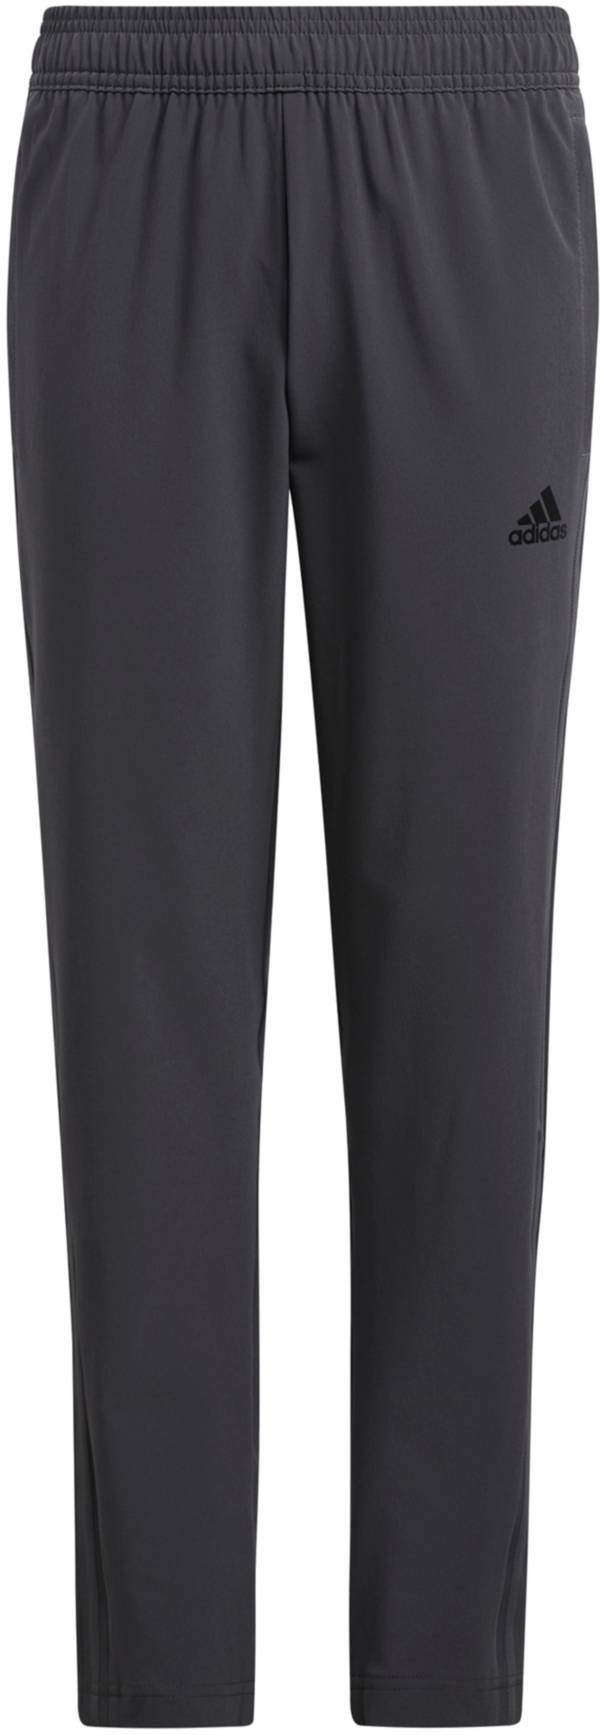 adidas Boys' Tiro Woven 7/8 Pants product image